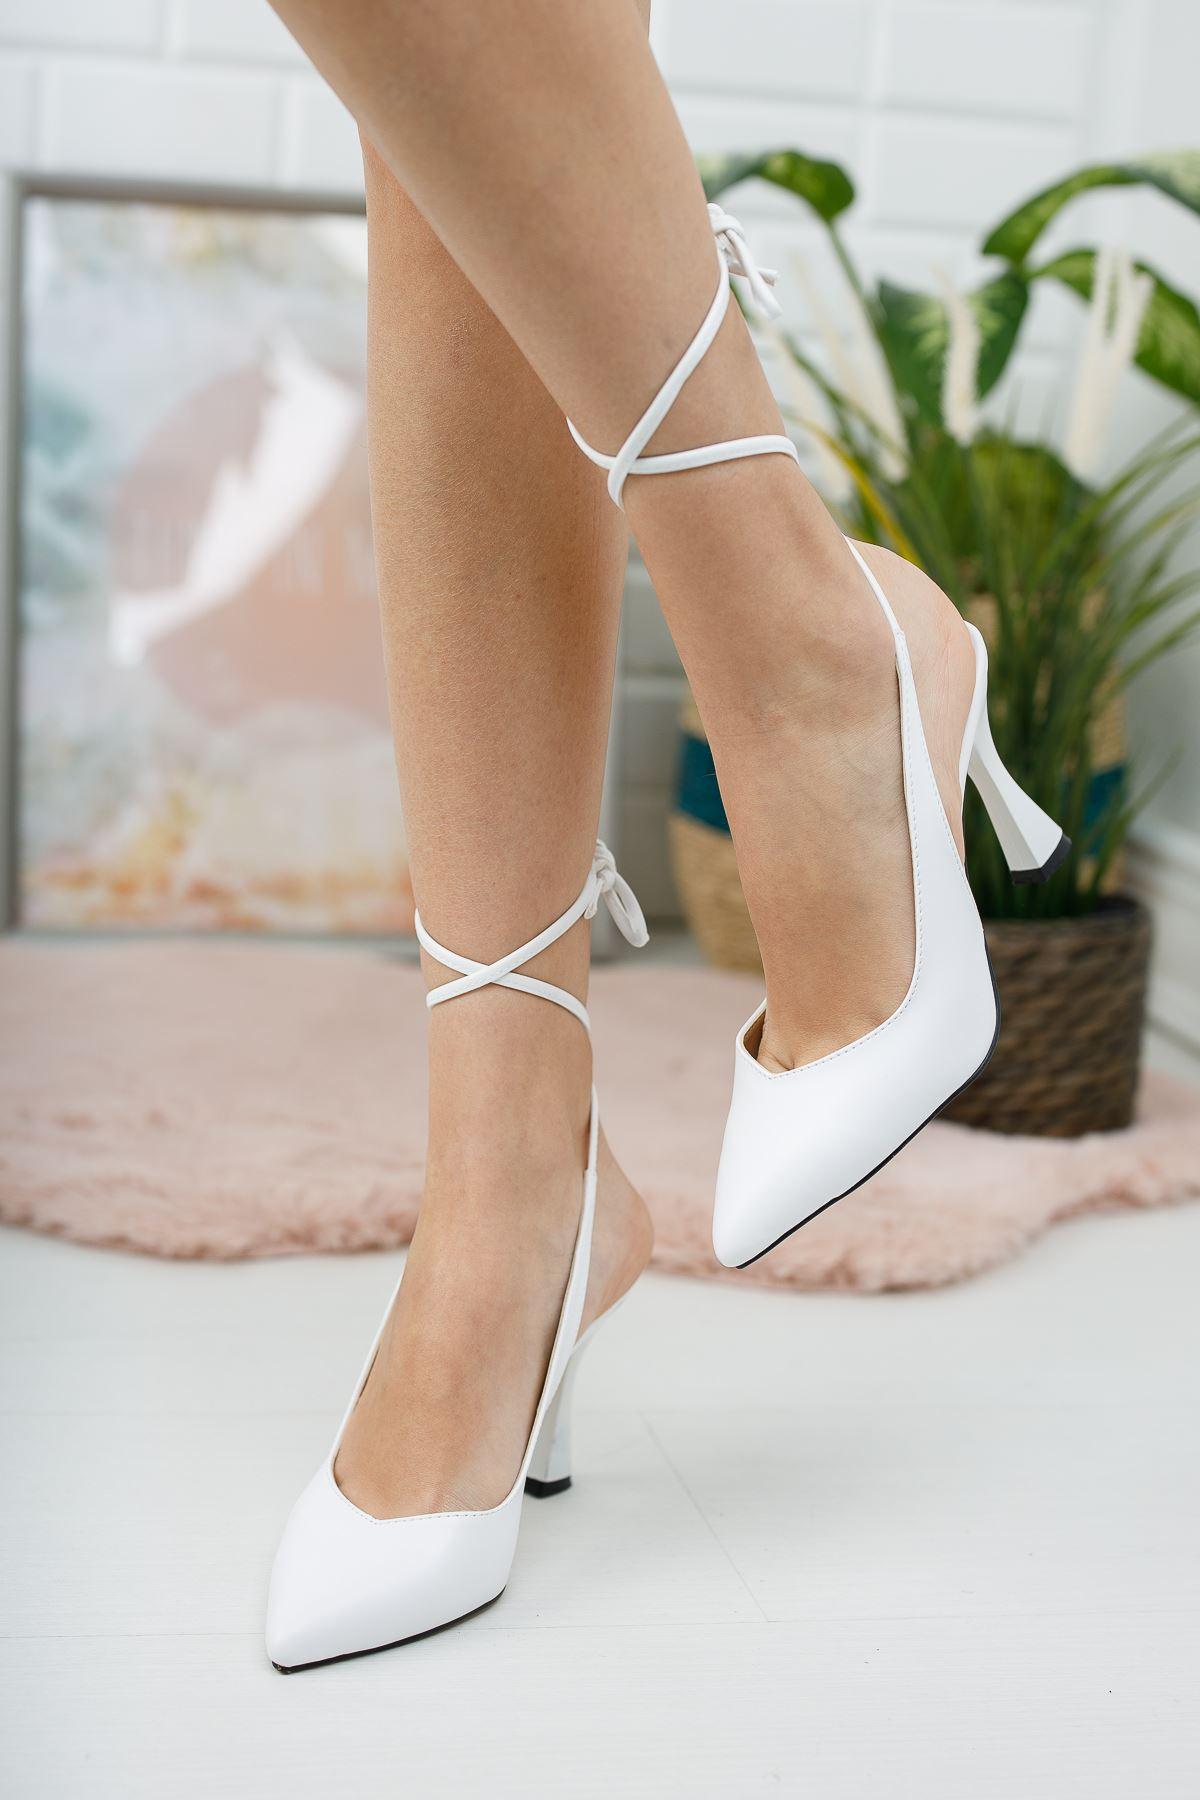 Kadın Delas Yüksek Topuklu Bağcık Detaylı Sivri Burun Mat Deri Beyaz Ayakkabı